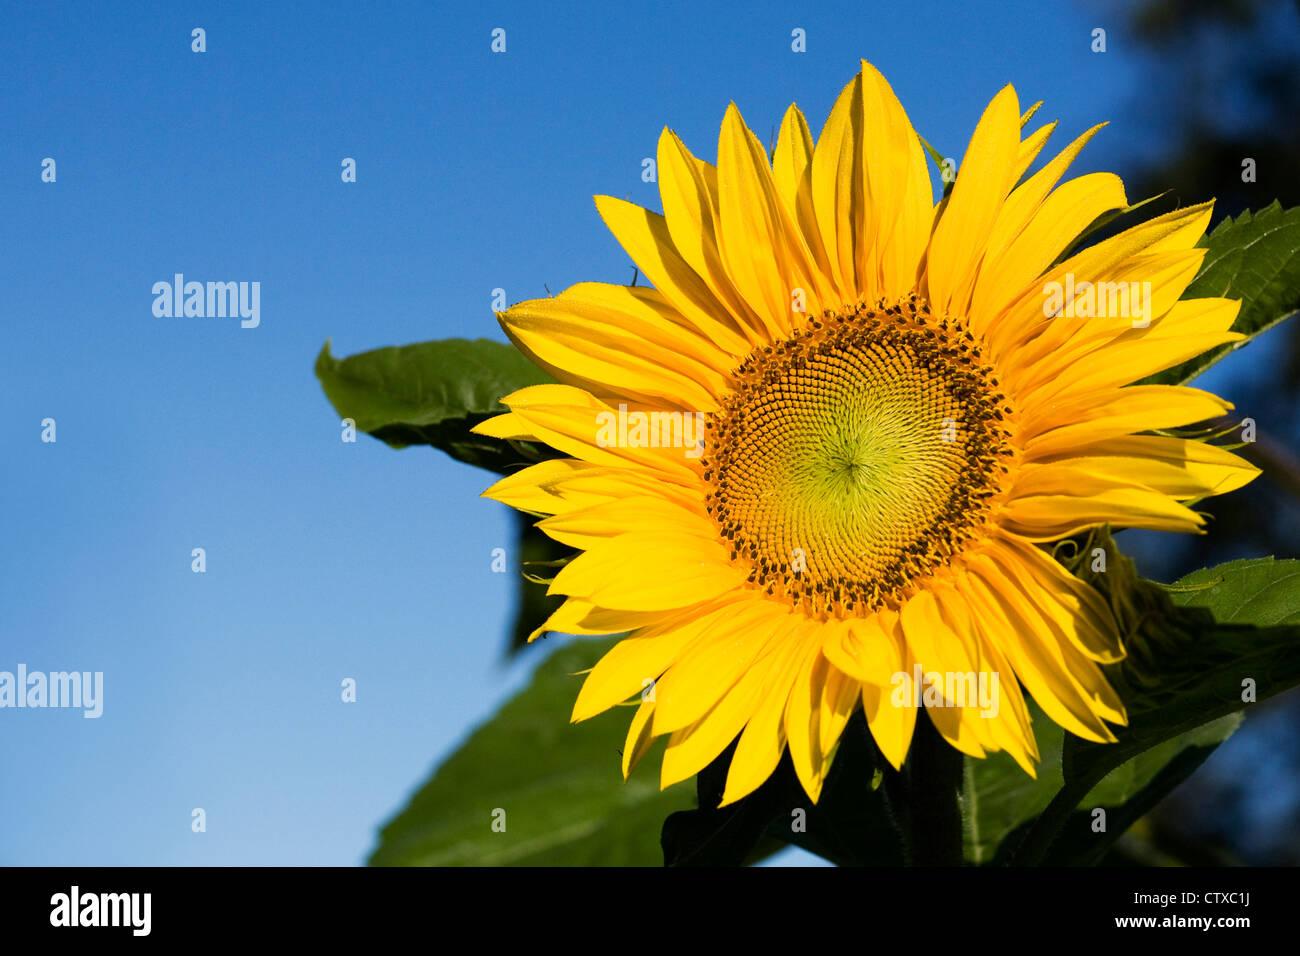 Helianthus annuus. Un solo girasol contra un cielo azul. Imagen De Stock